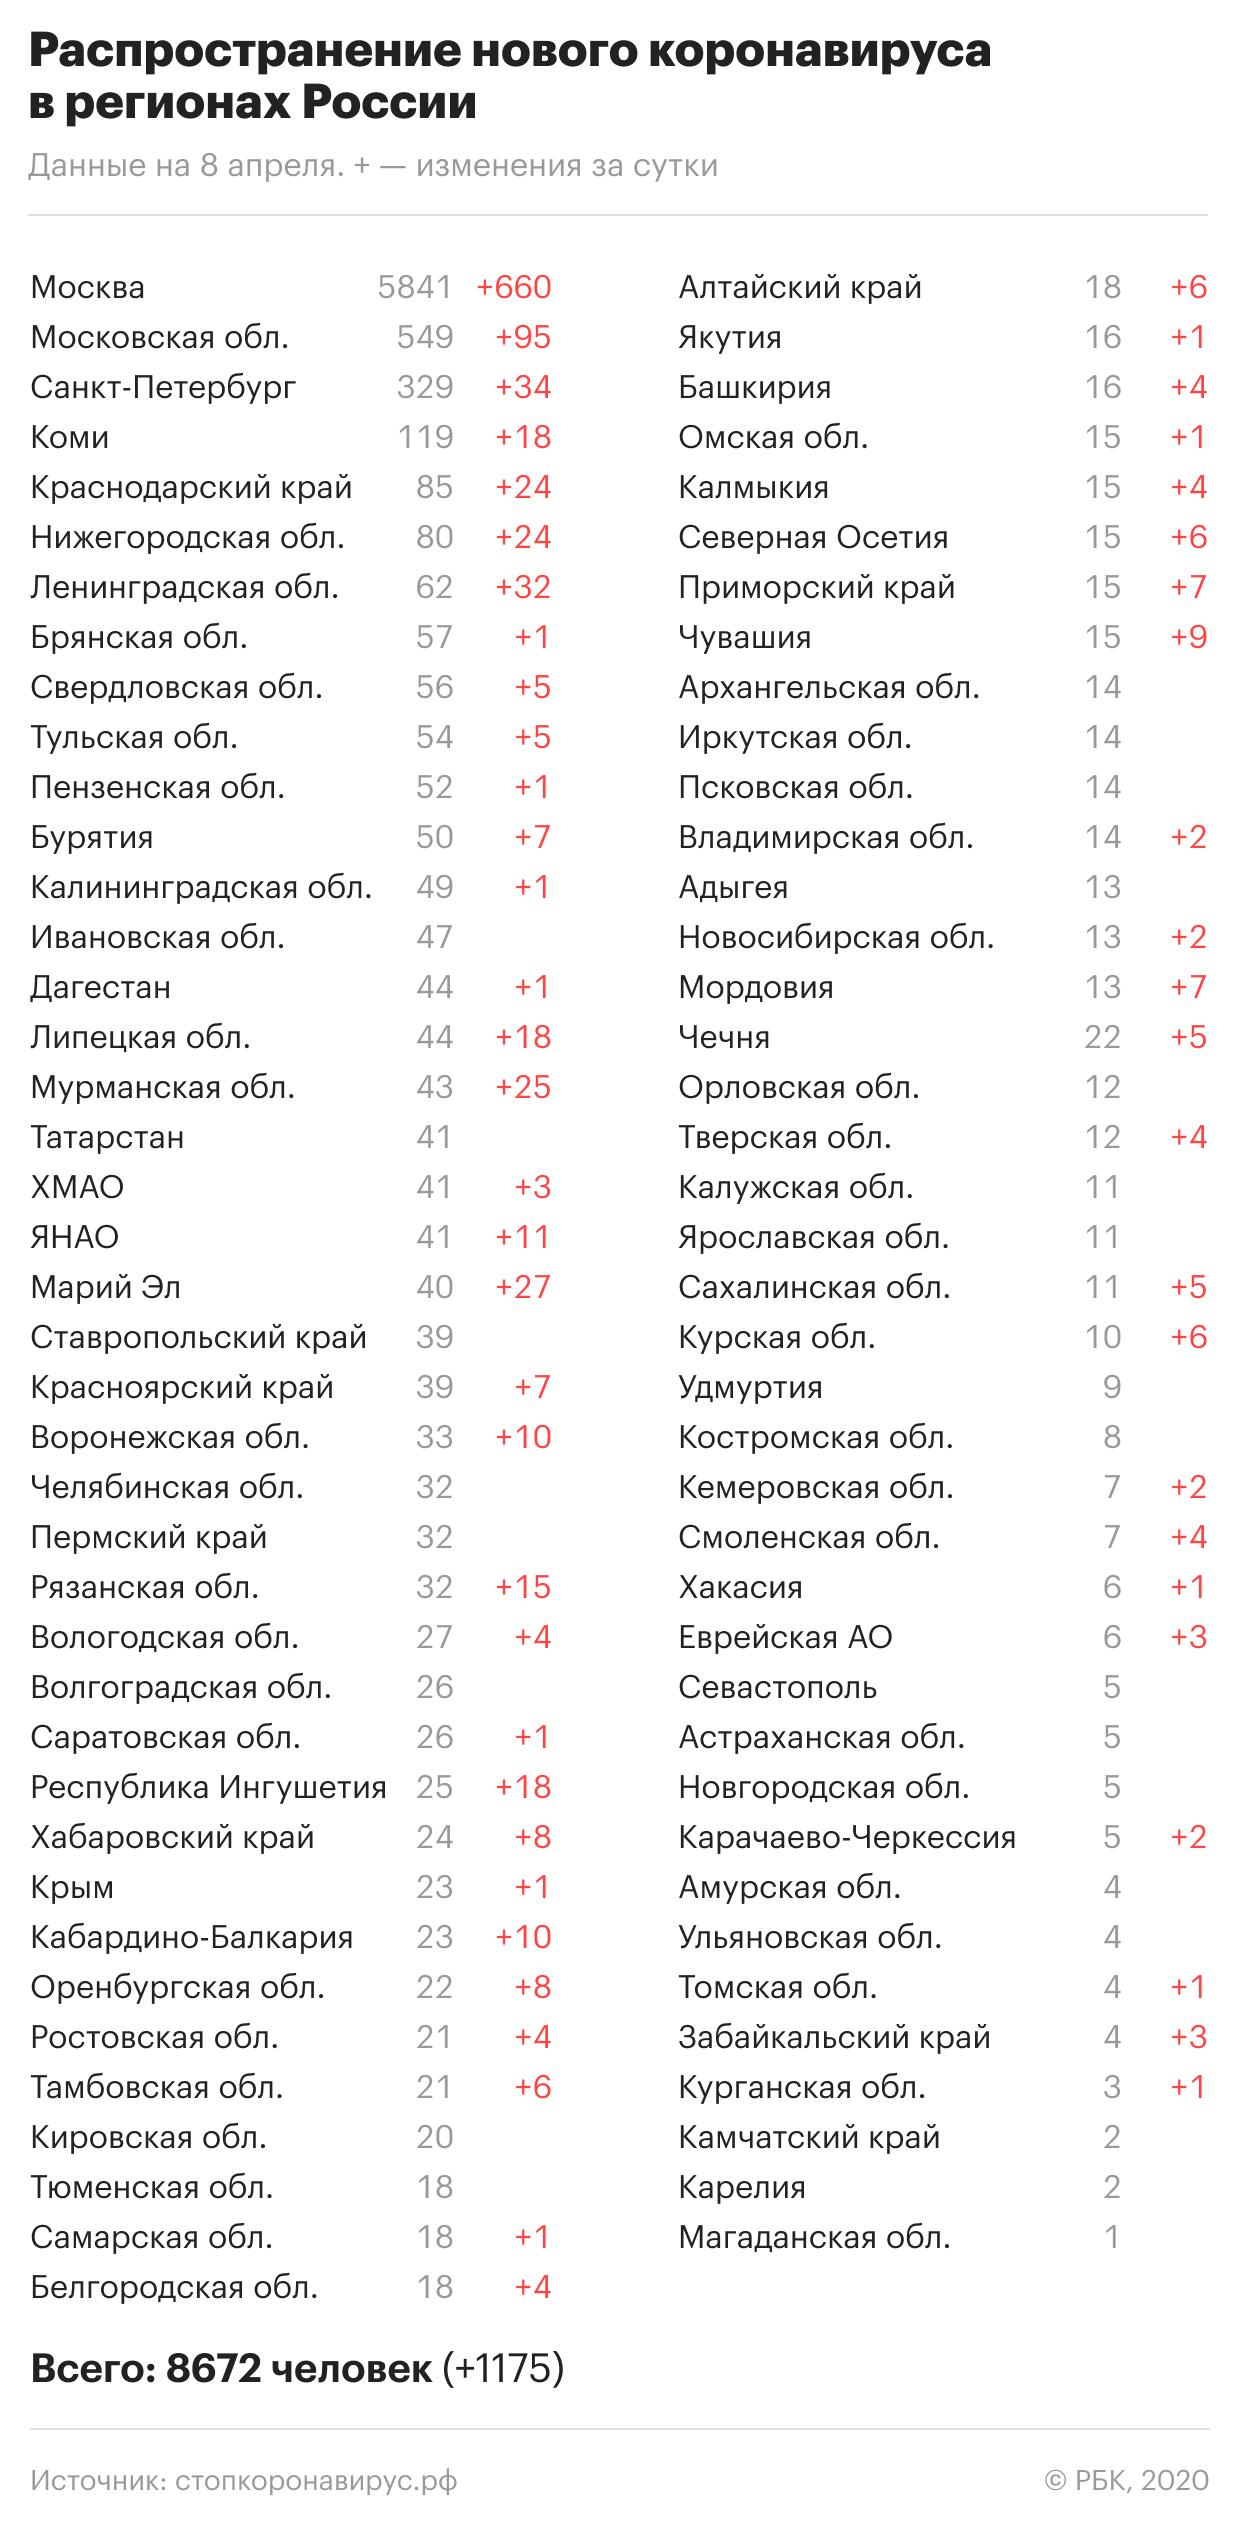 Коронавирус в России — где и сколько заболевших на сегодня, последние новости на 9 апреля 2020: Автомобилистов нарушителей карантина начнут штрафовать, главное за день